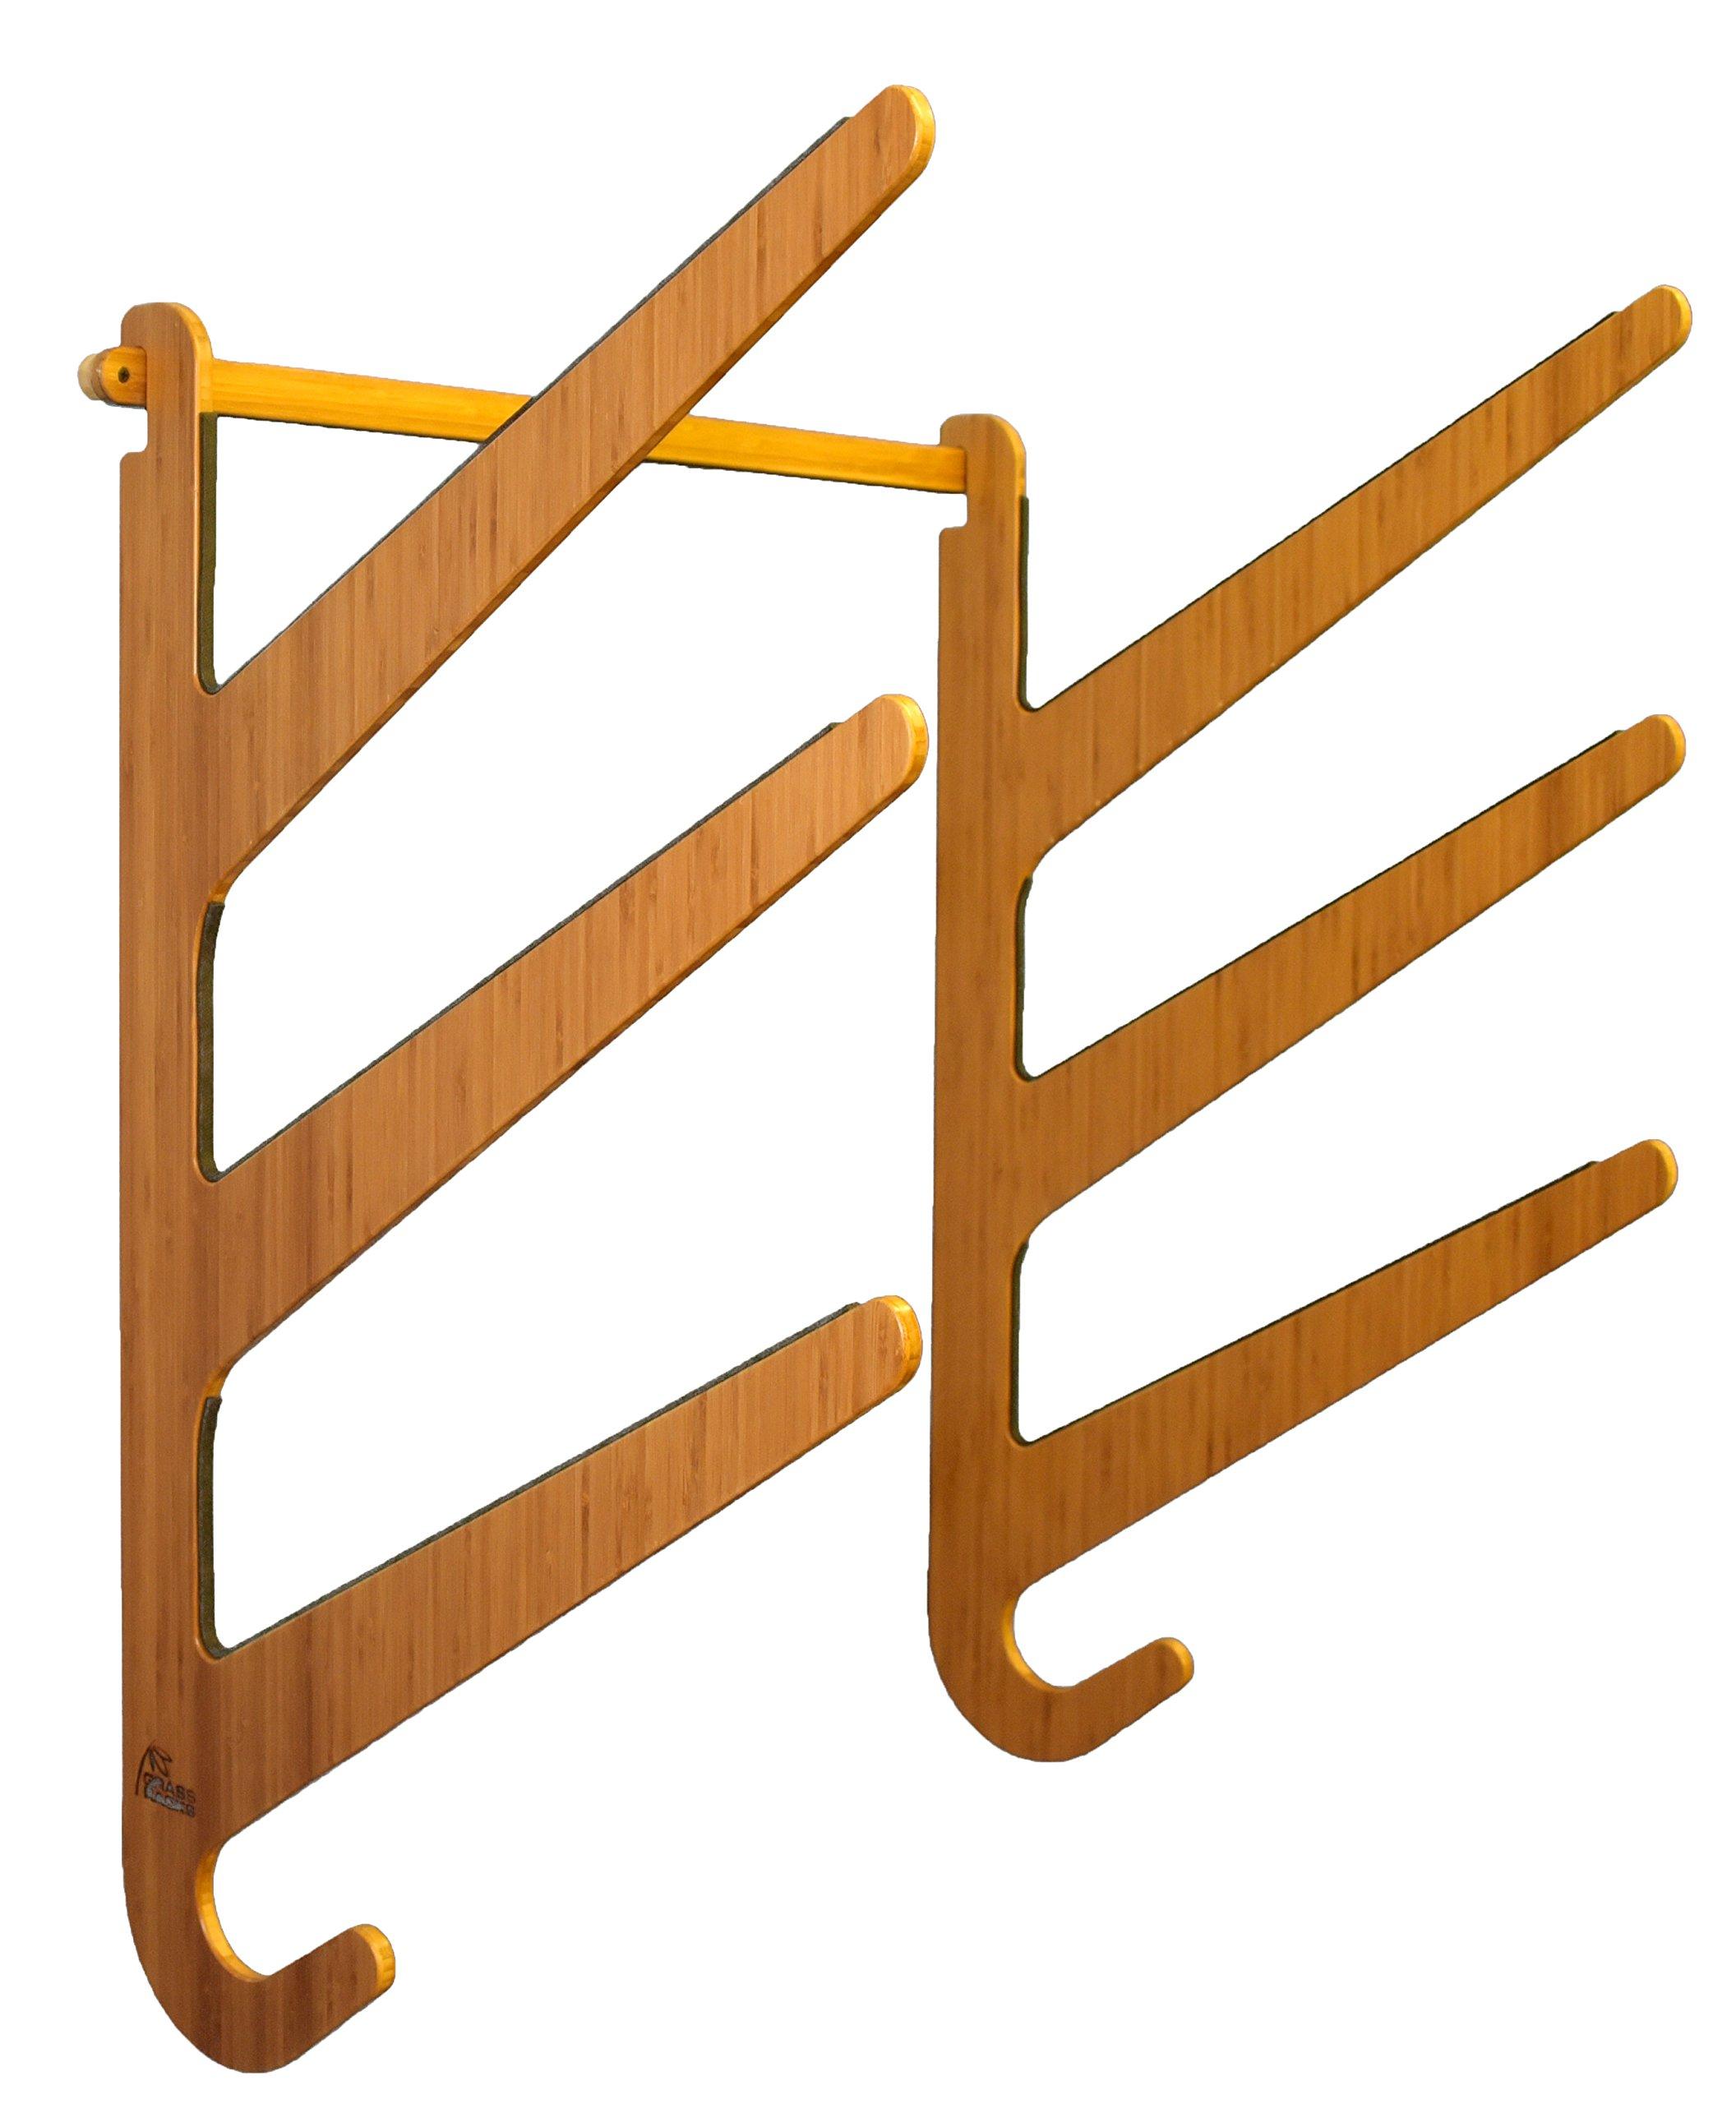 Bamboo SUP Rack for 3 Paddleboards or Longboards - Grassracks O'ahu Trip